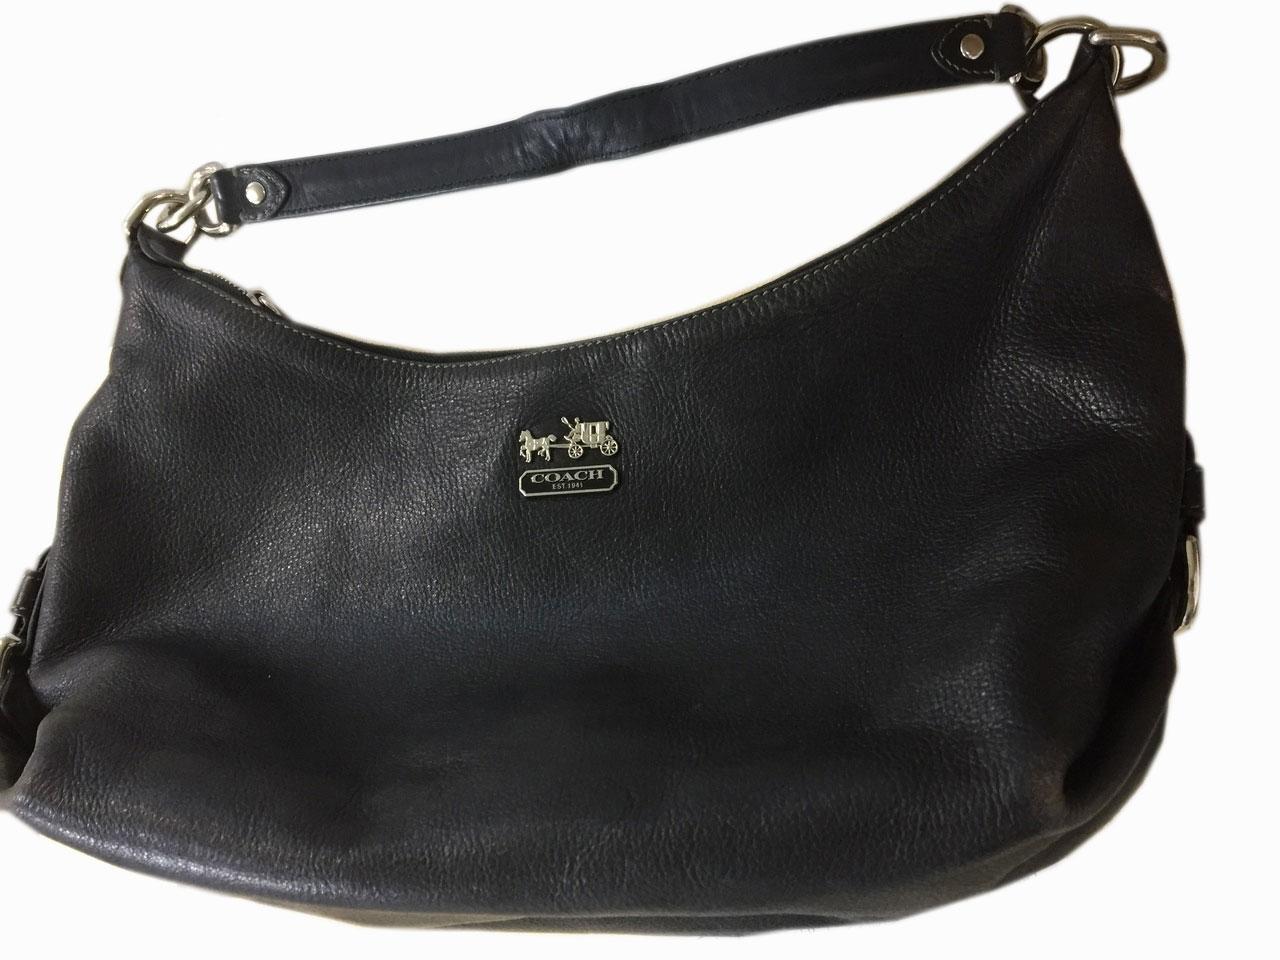 ヨレヨレのバッグ